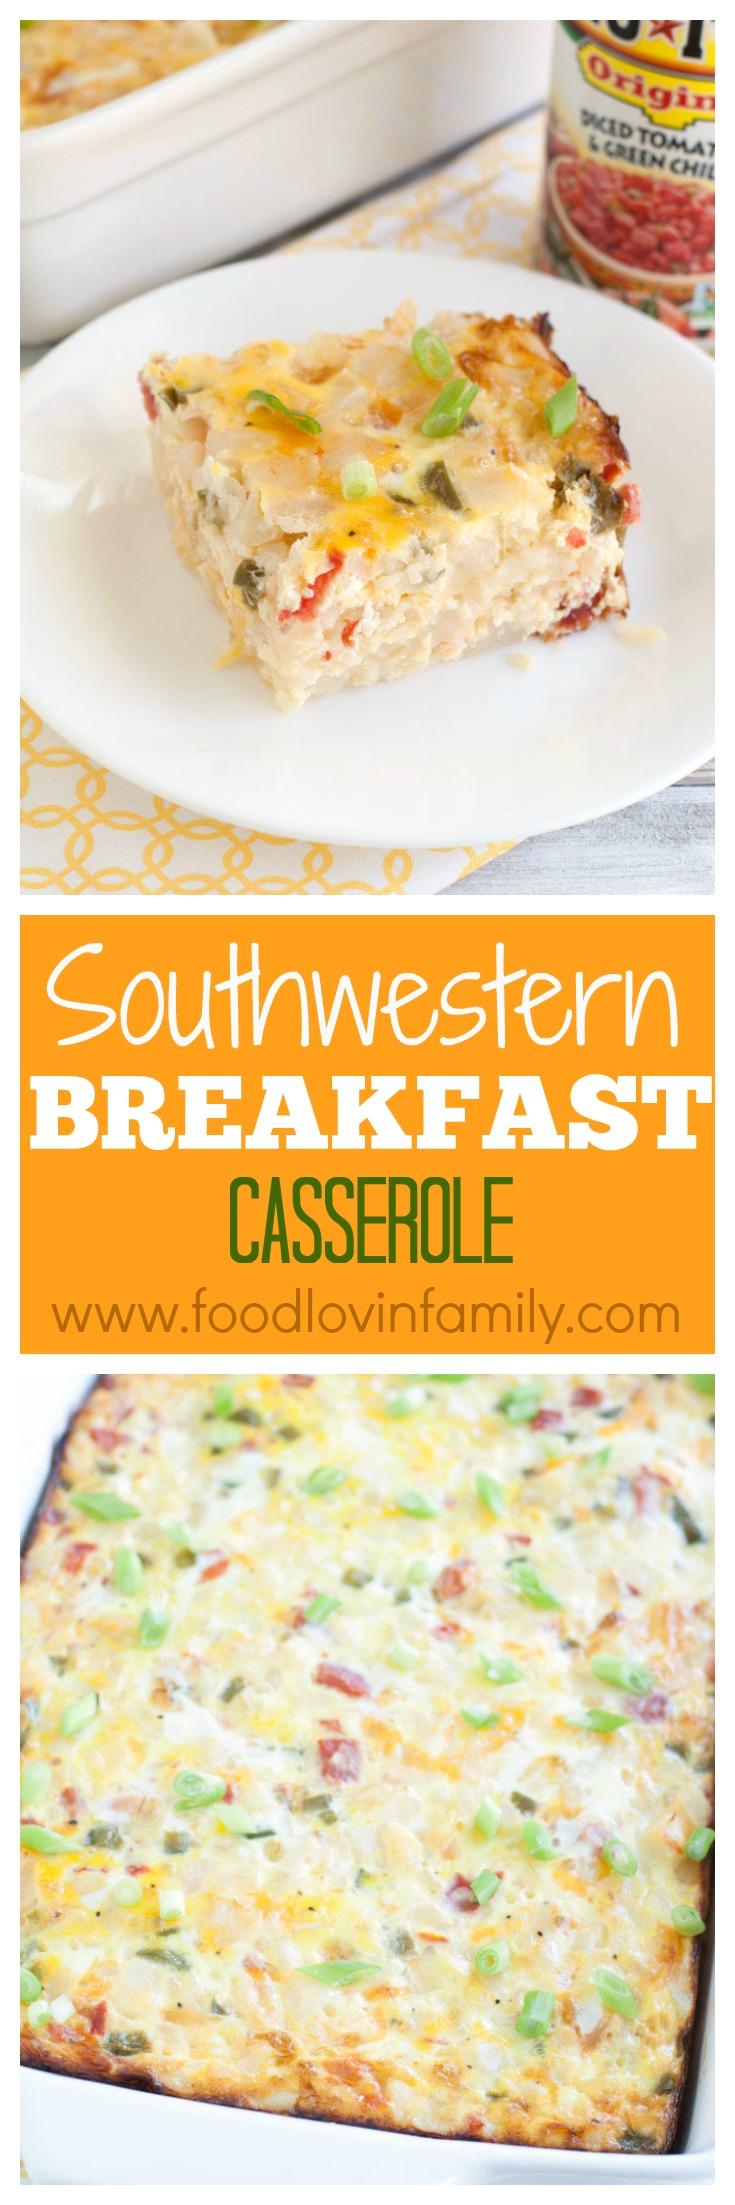 Breakfast casserole on a plate.